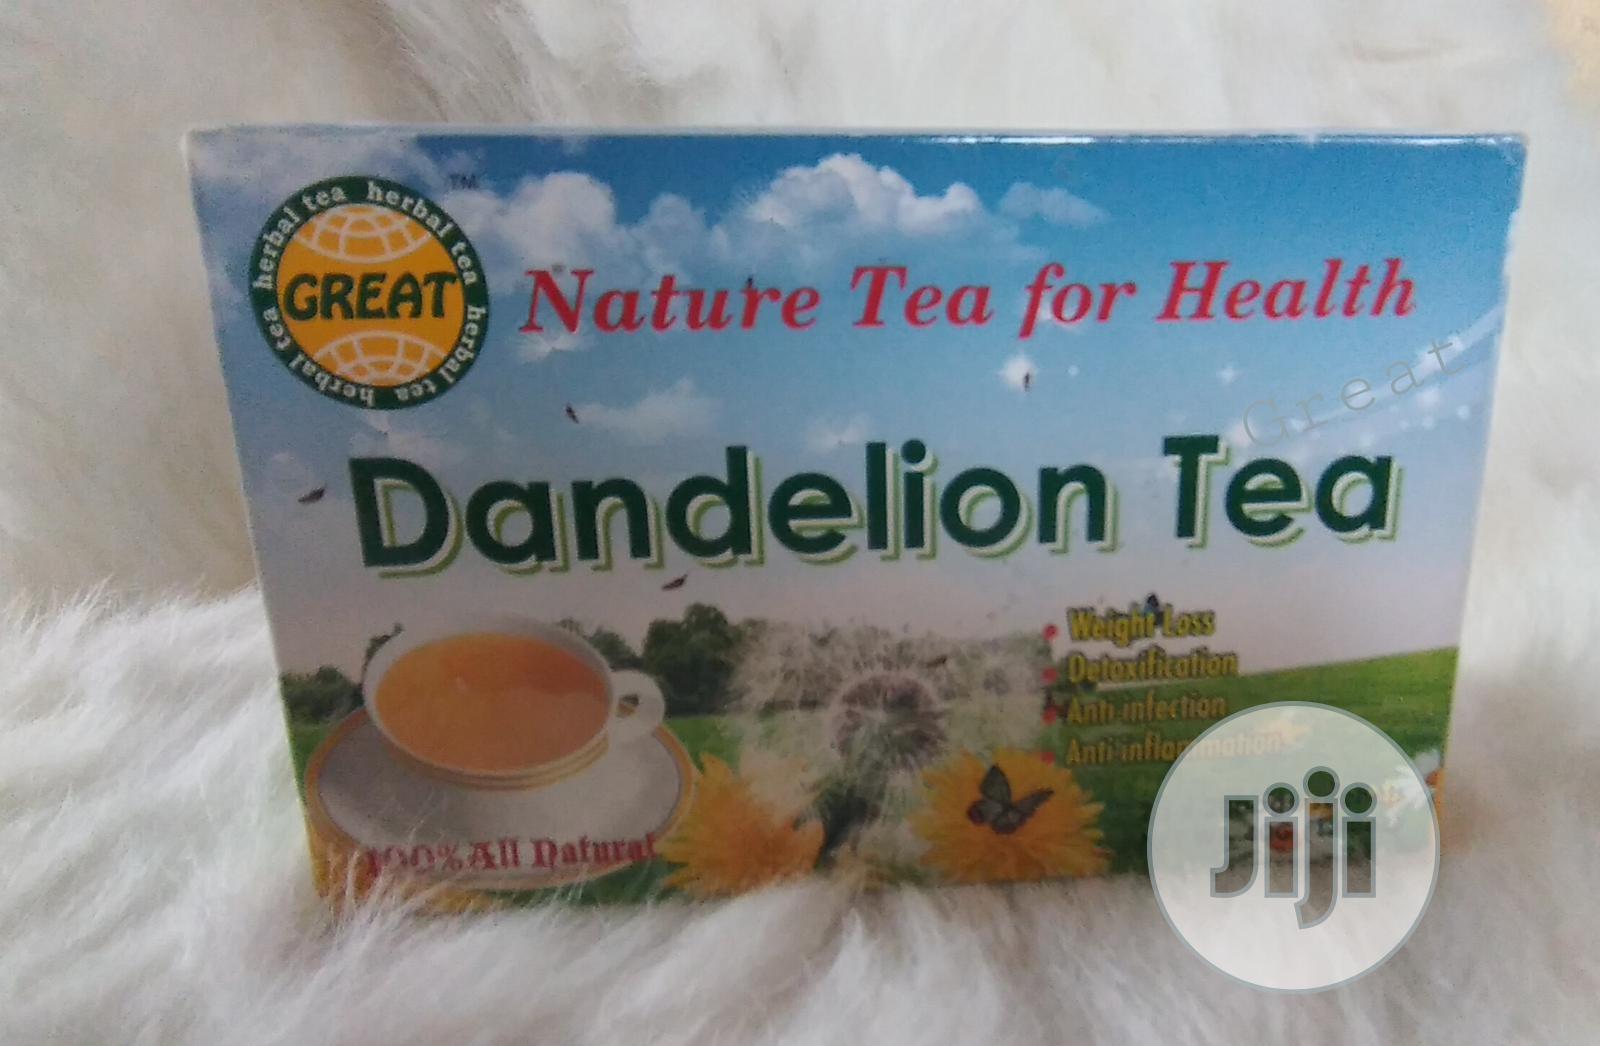 Dandelion Tea - Kidney and Liver Detox